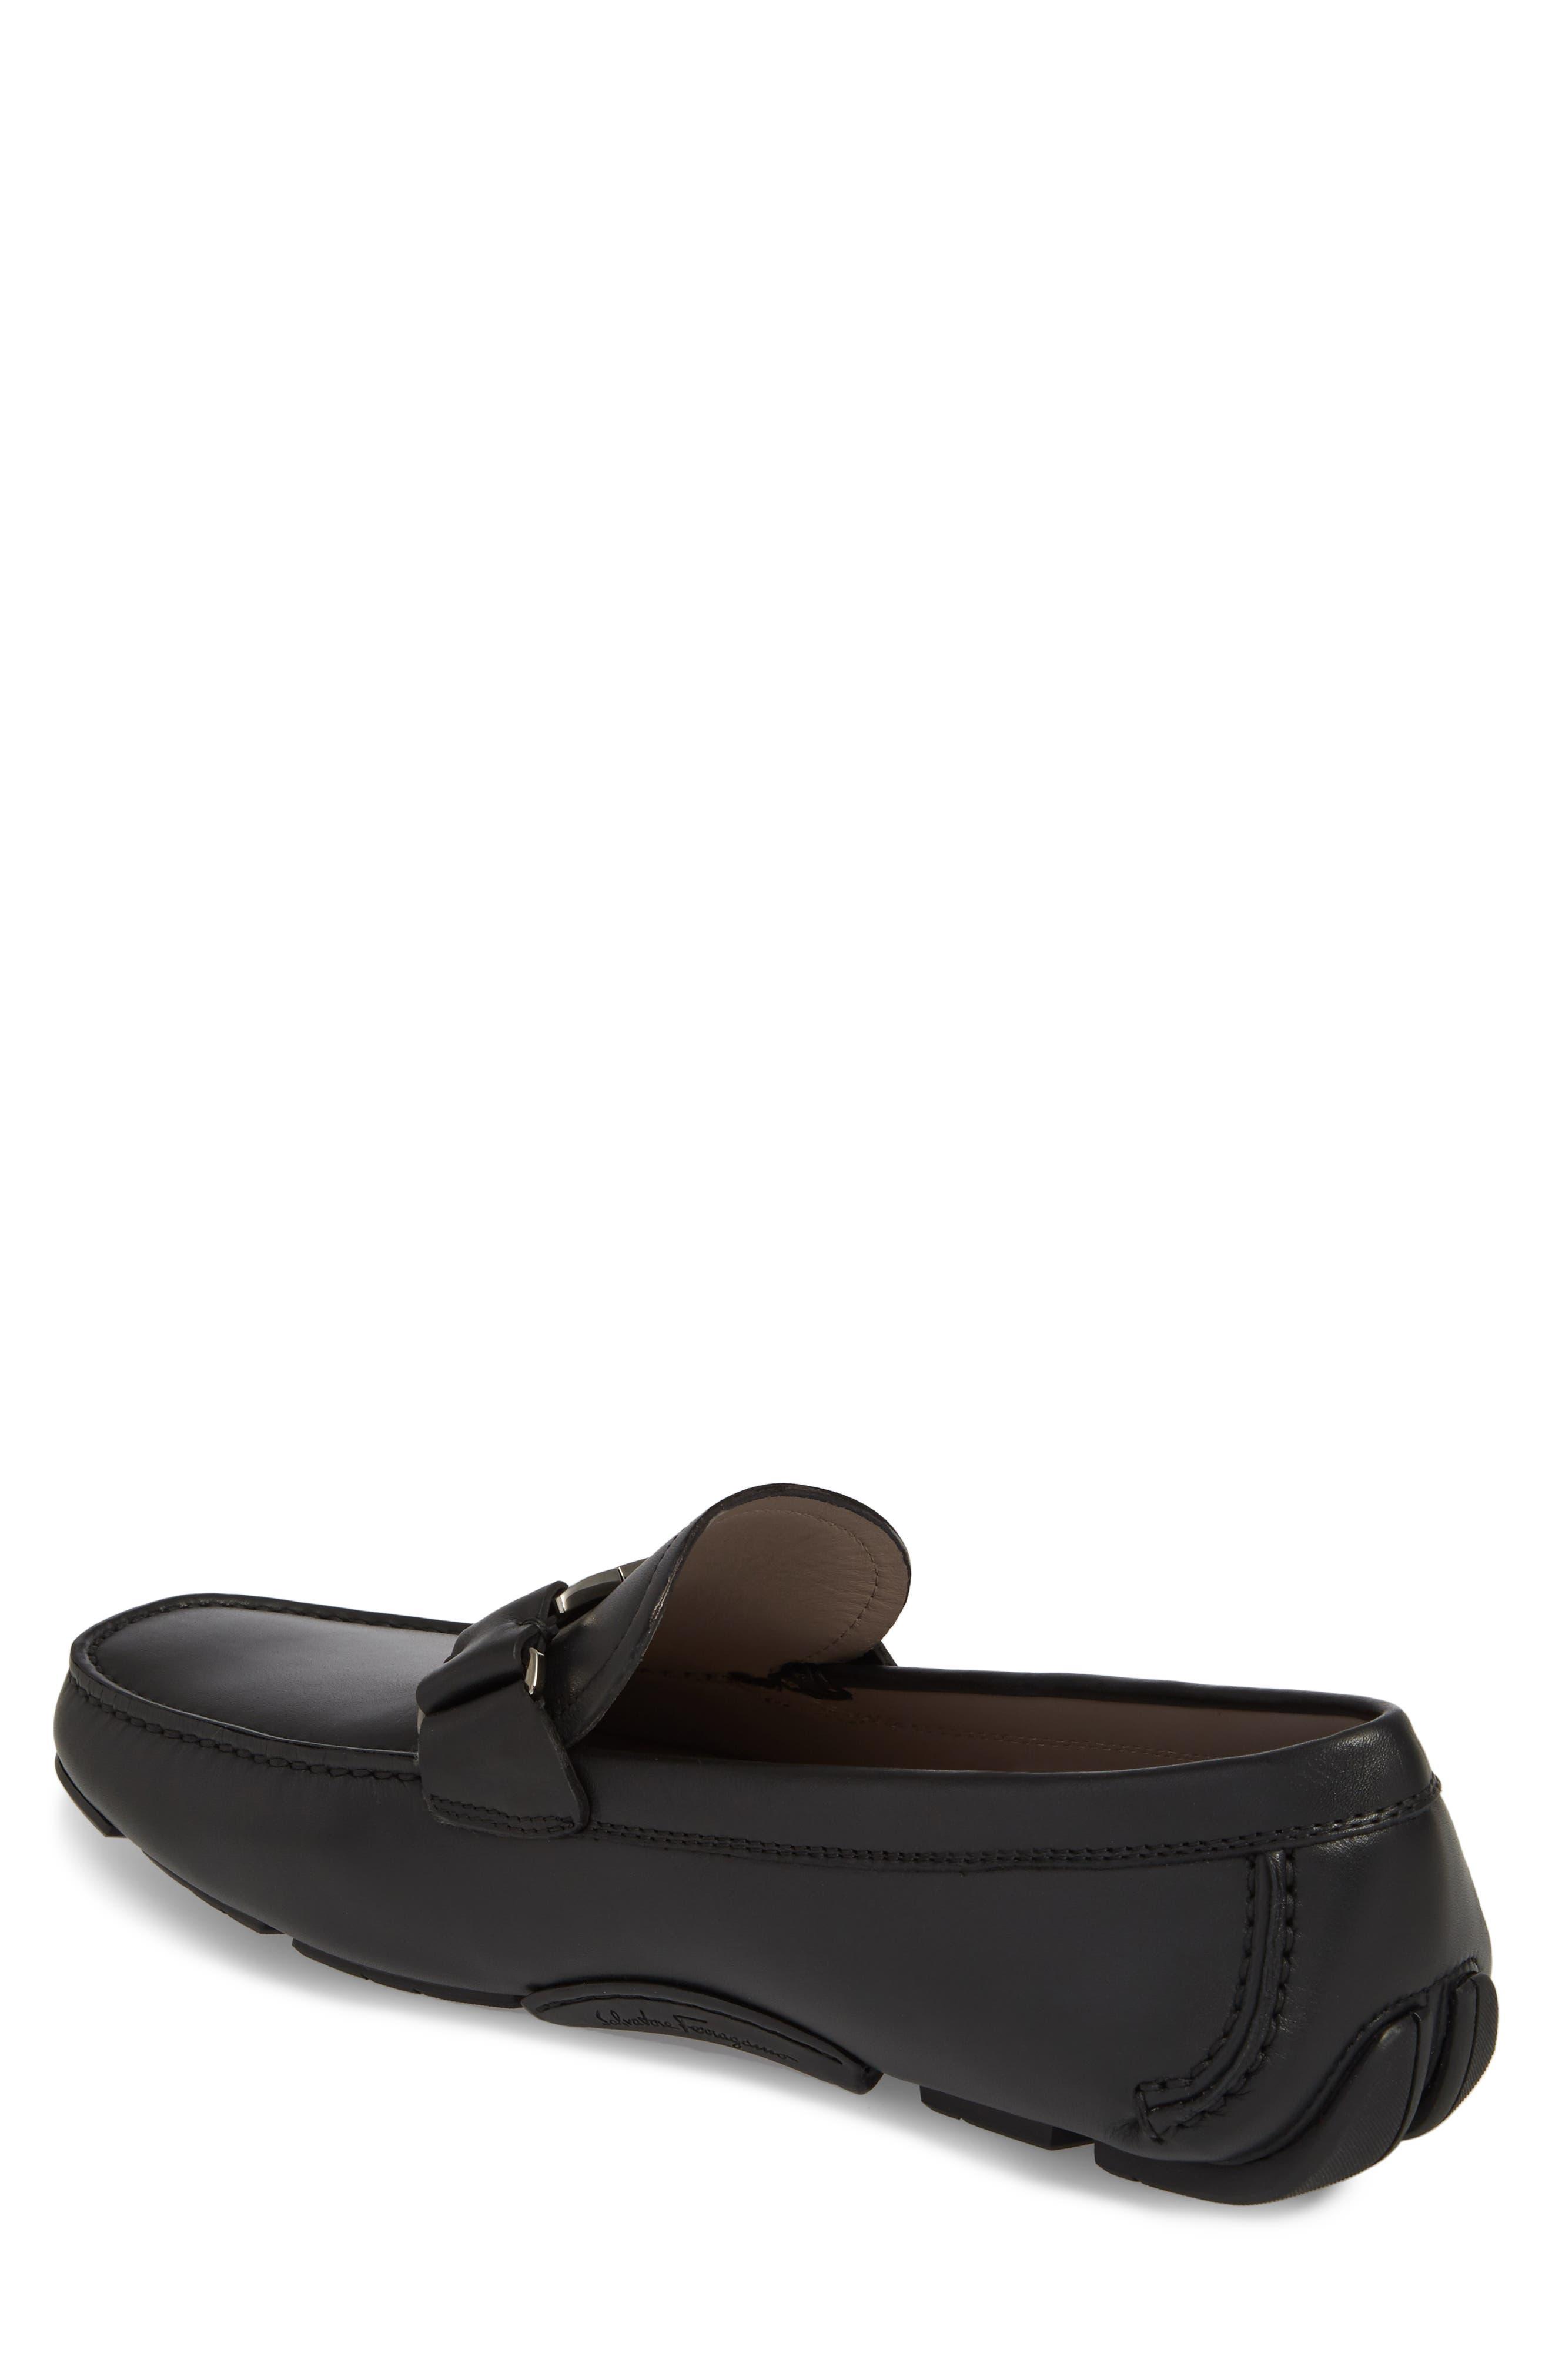 Sardegna Driving Shoe,                             Alternate thumbnail 2, color,                             BLACK LEATHER